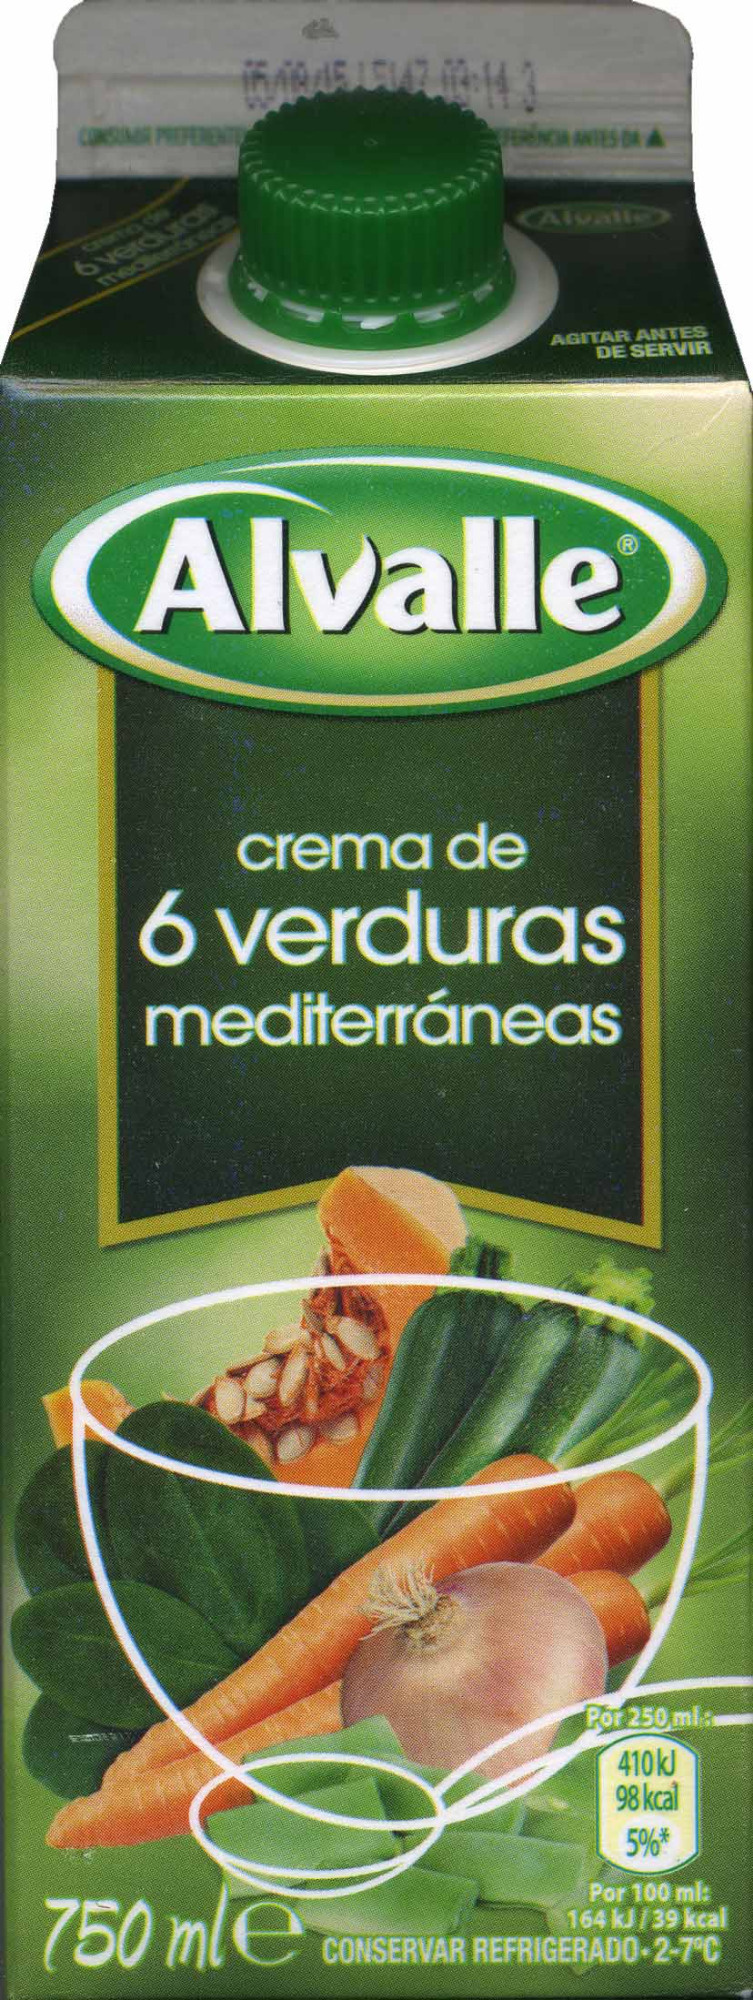 Crema de 6 verduras mediterráneas - Producto - es